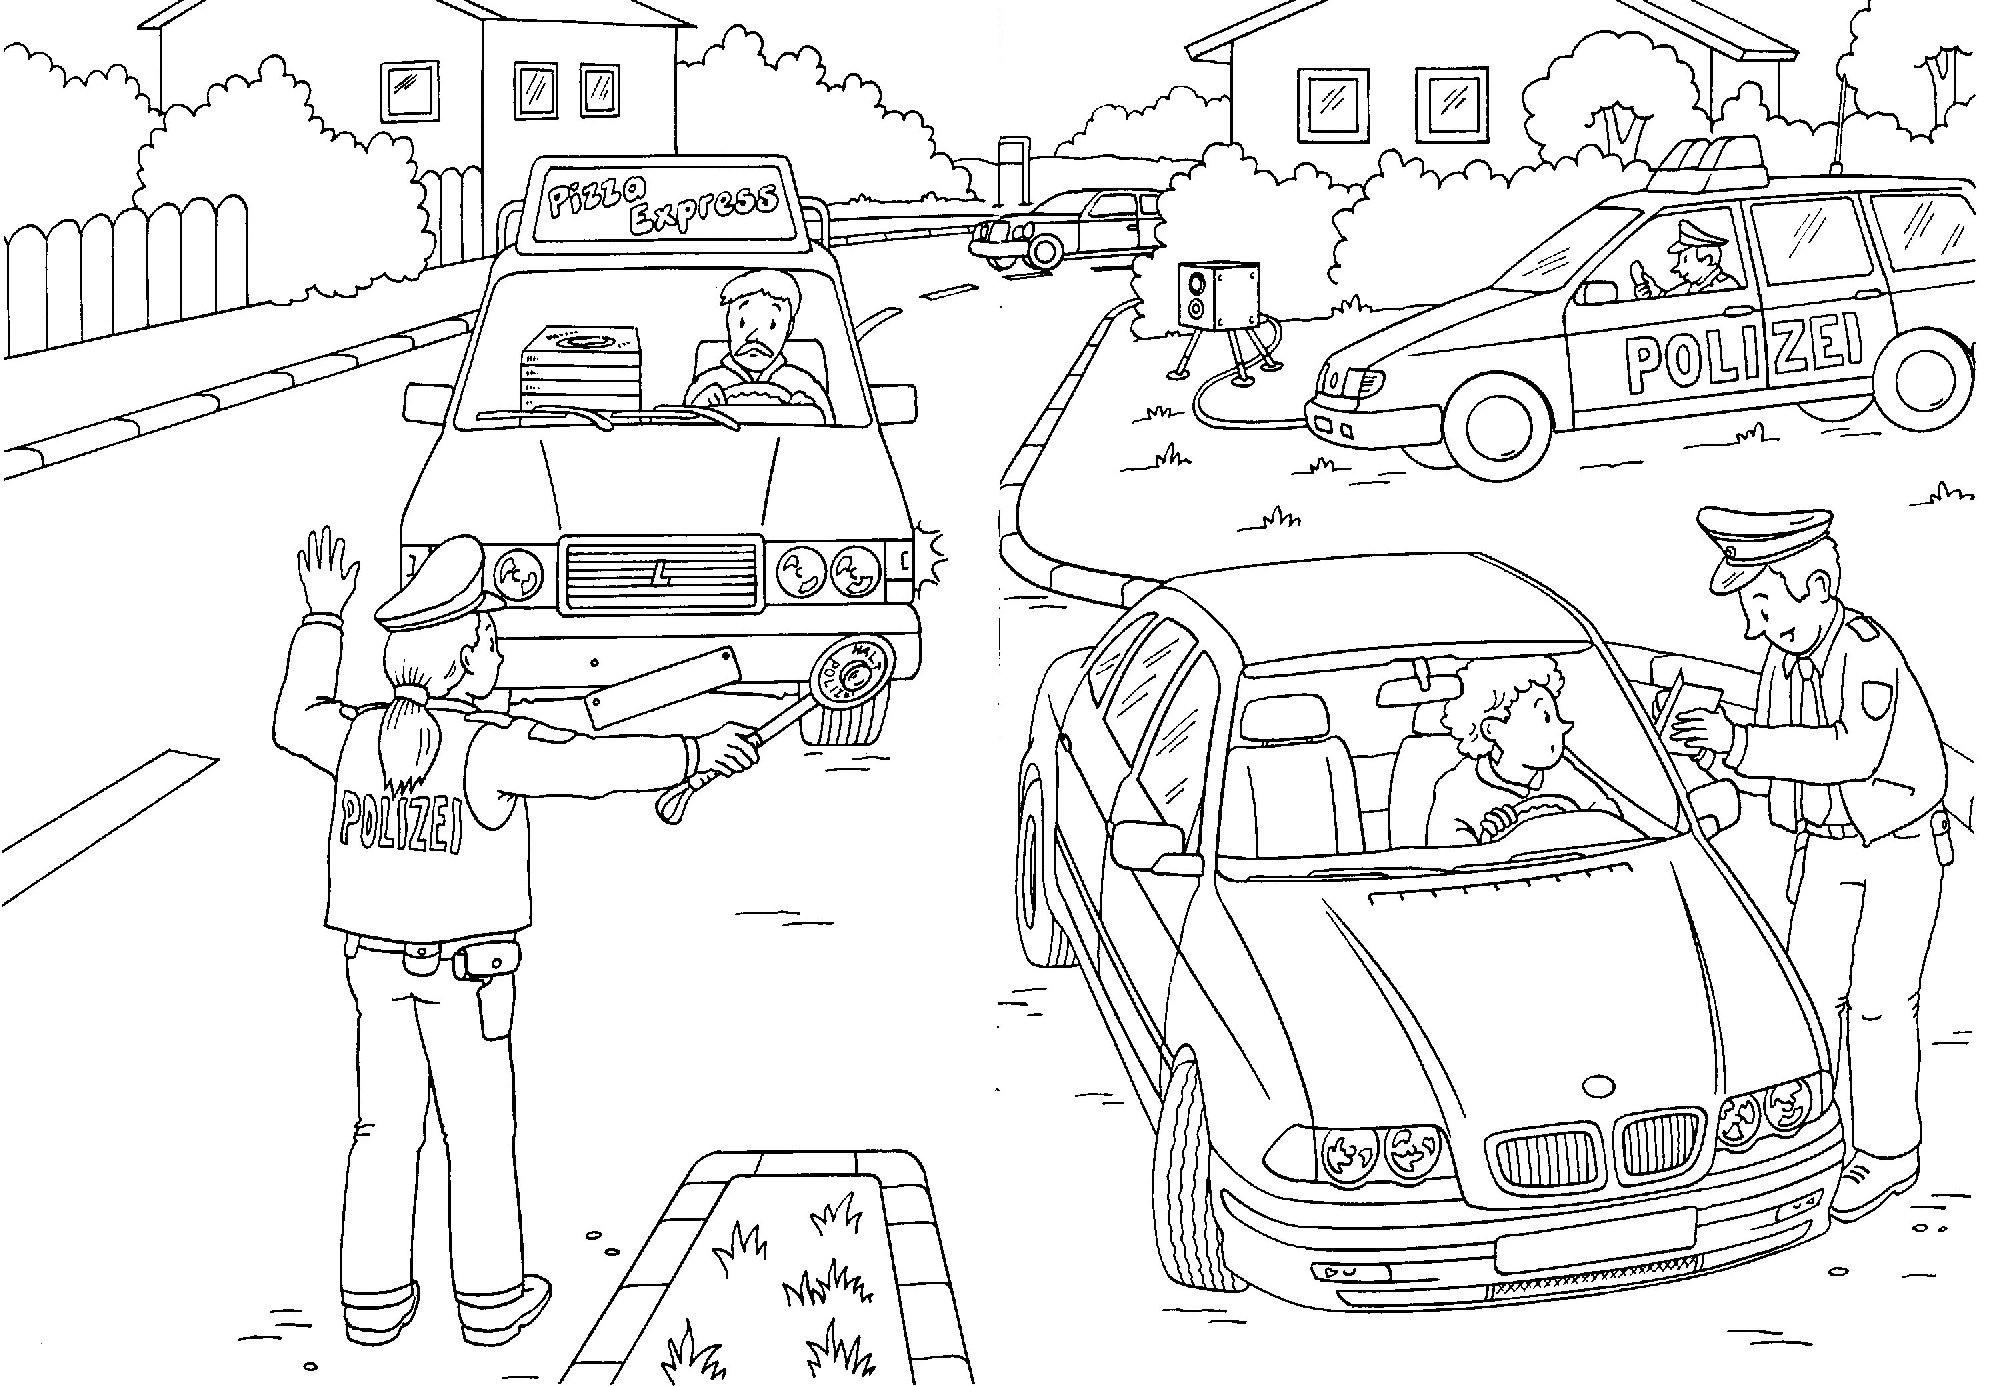 Ausmalbilder Ninjago Pythor Das Beste Von Drei Auto Polizei Ausmalbilder 75 Malvorlage Polizei Ausmalbilder Sammlung